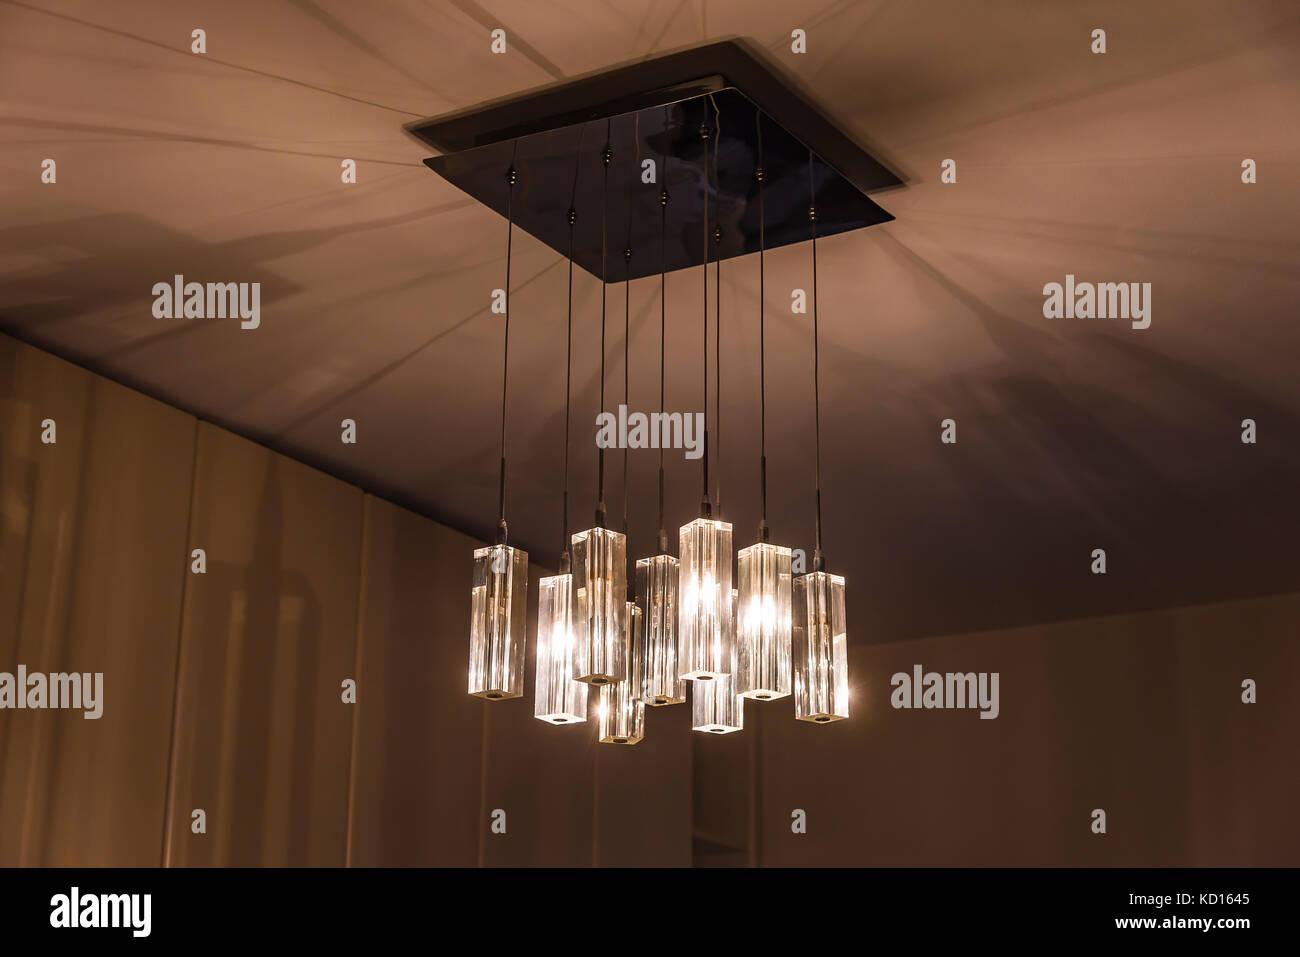 Stile moderno decor illuminazione lampadario di lampade pendenti